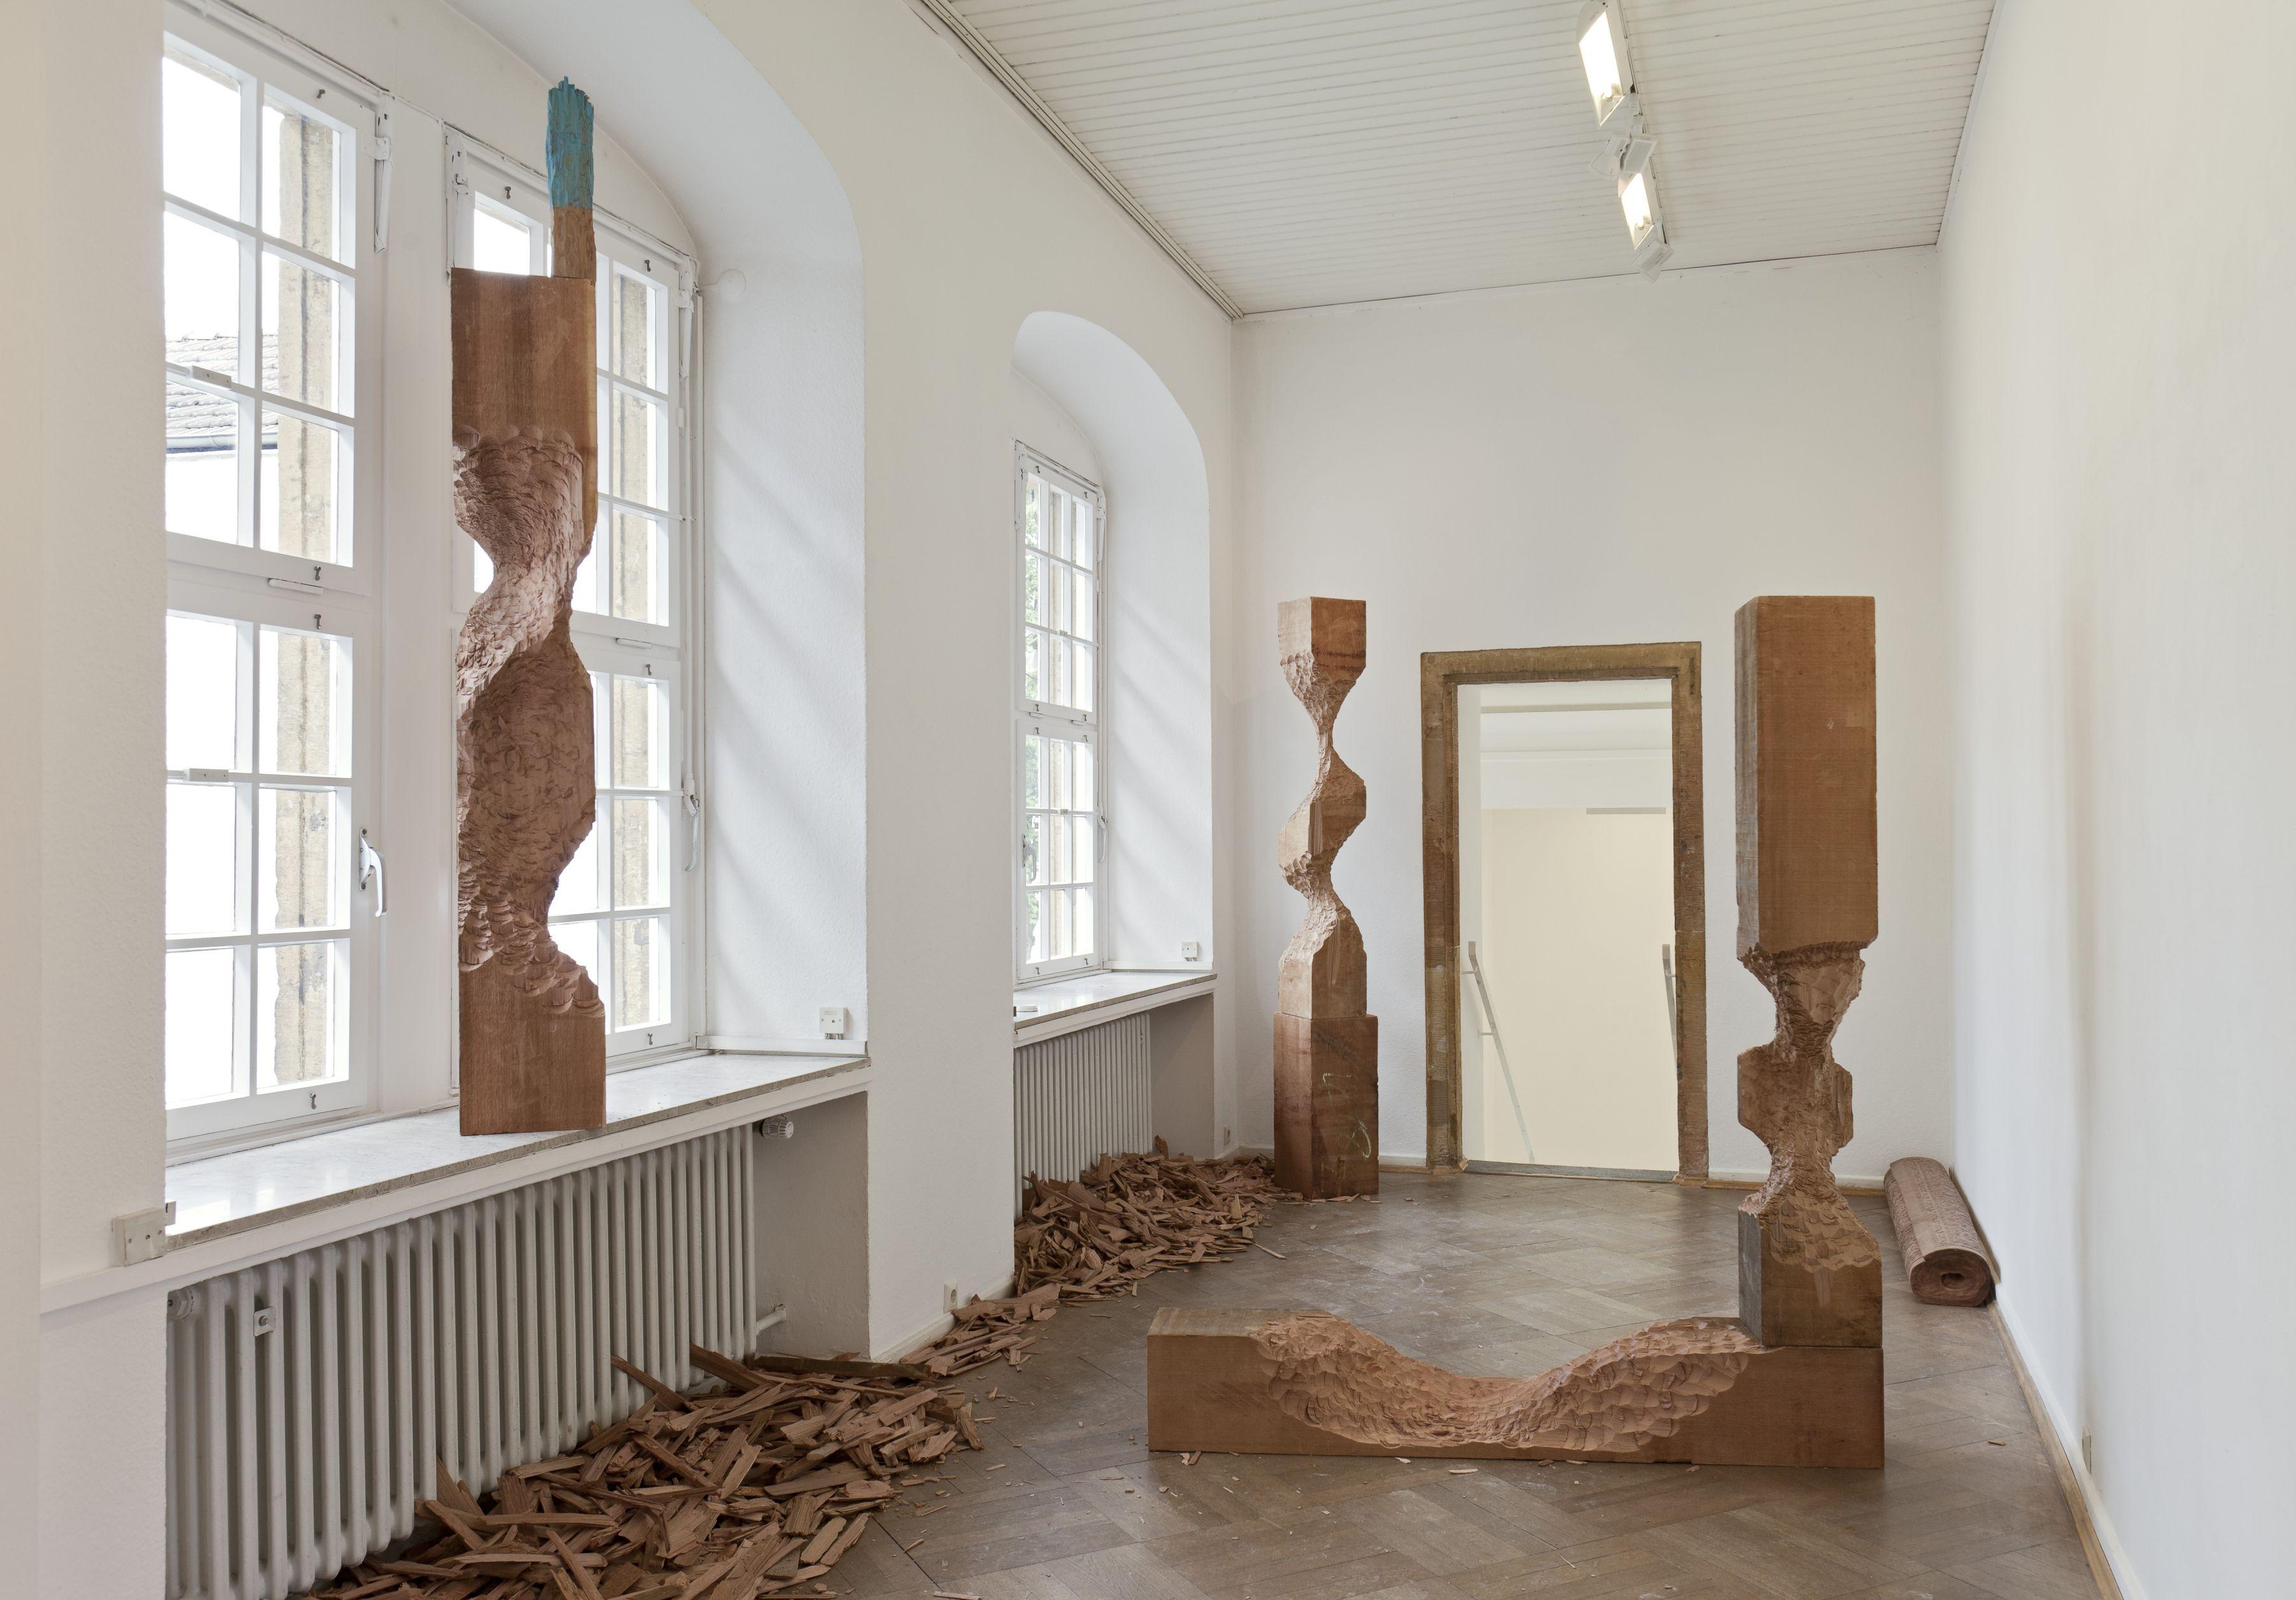 David Adamo, Bielefelder Kunstverein, Bielefeld